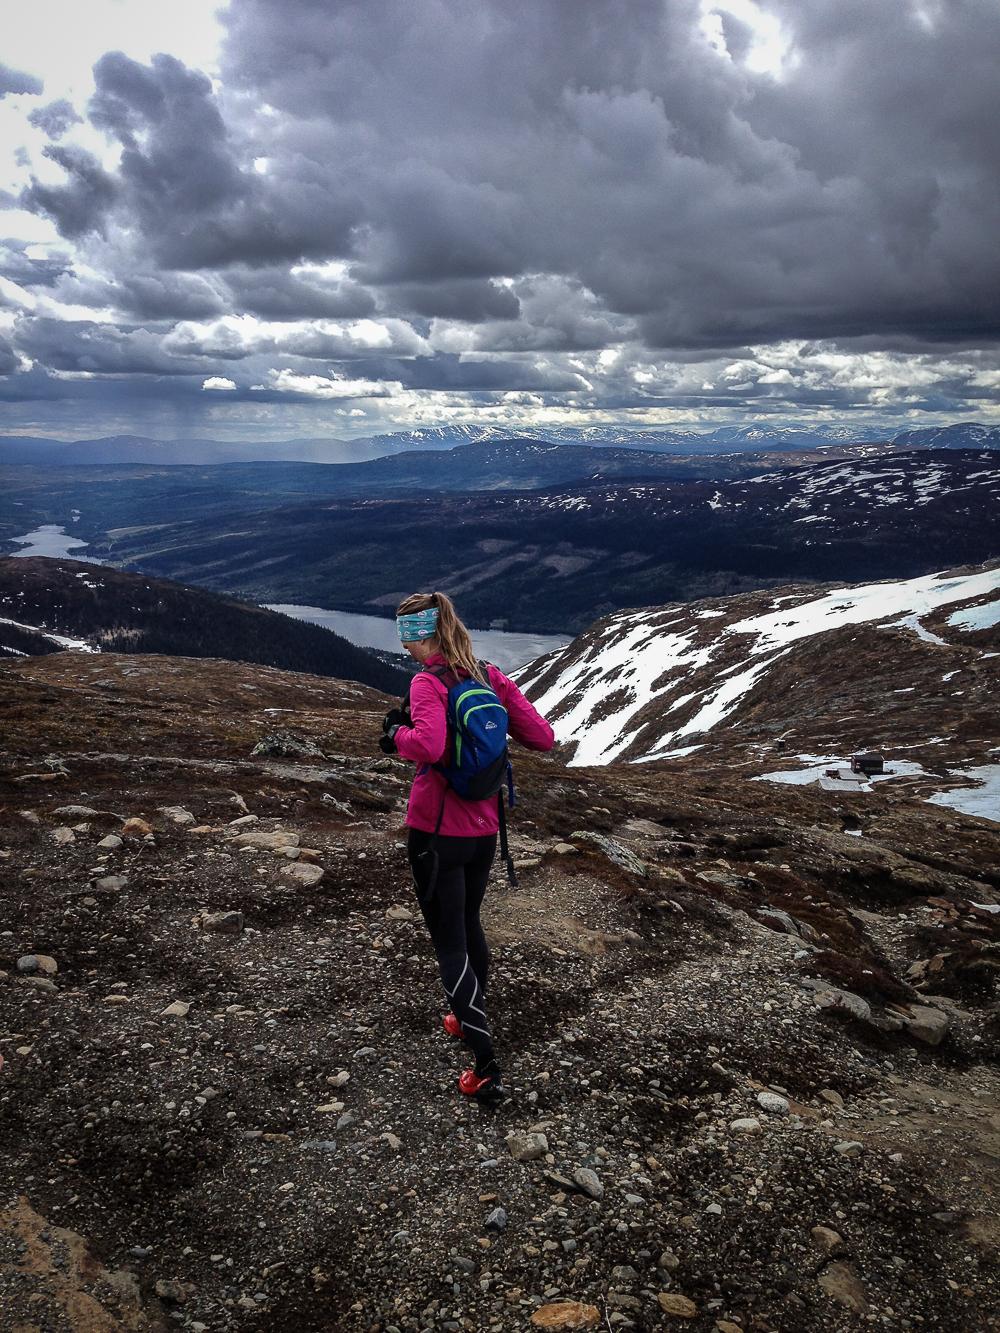 Topptur Åreskutan sommar (10 of 11)